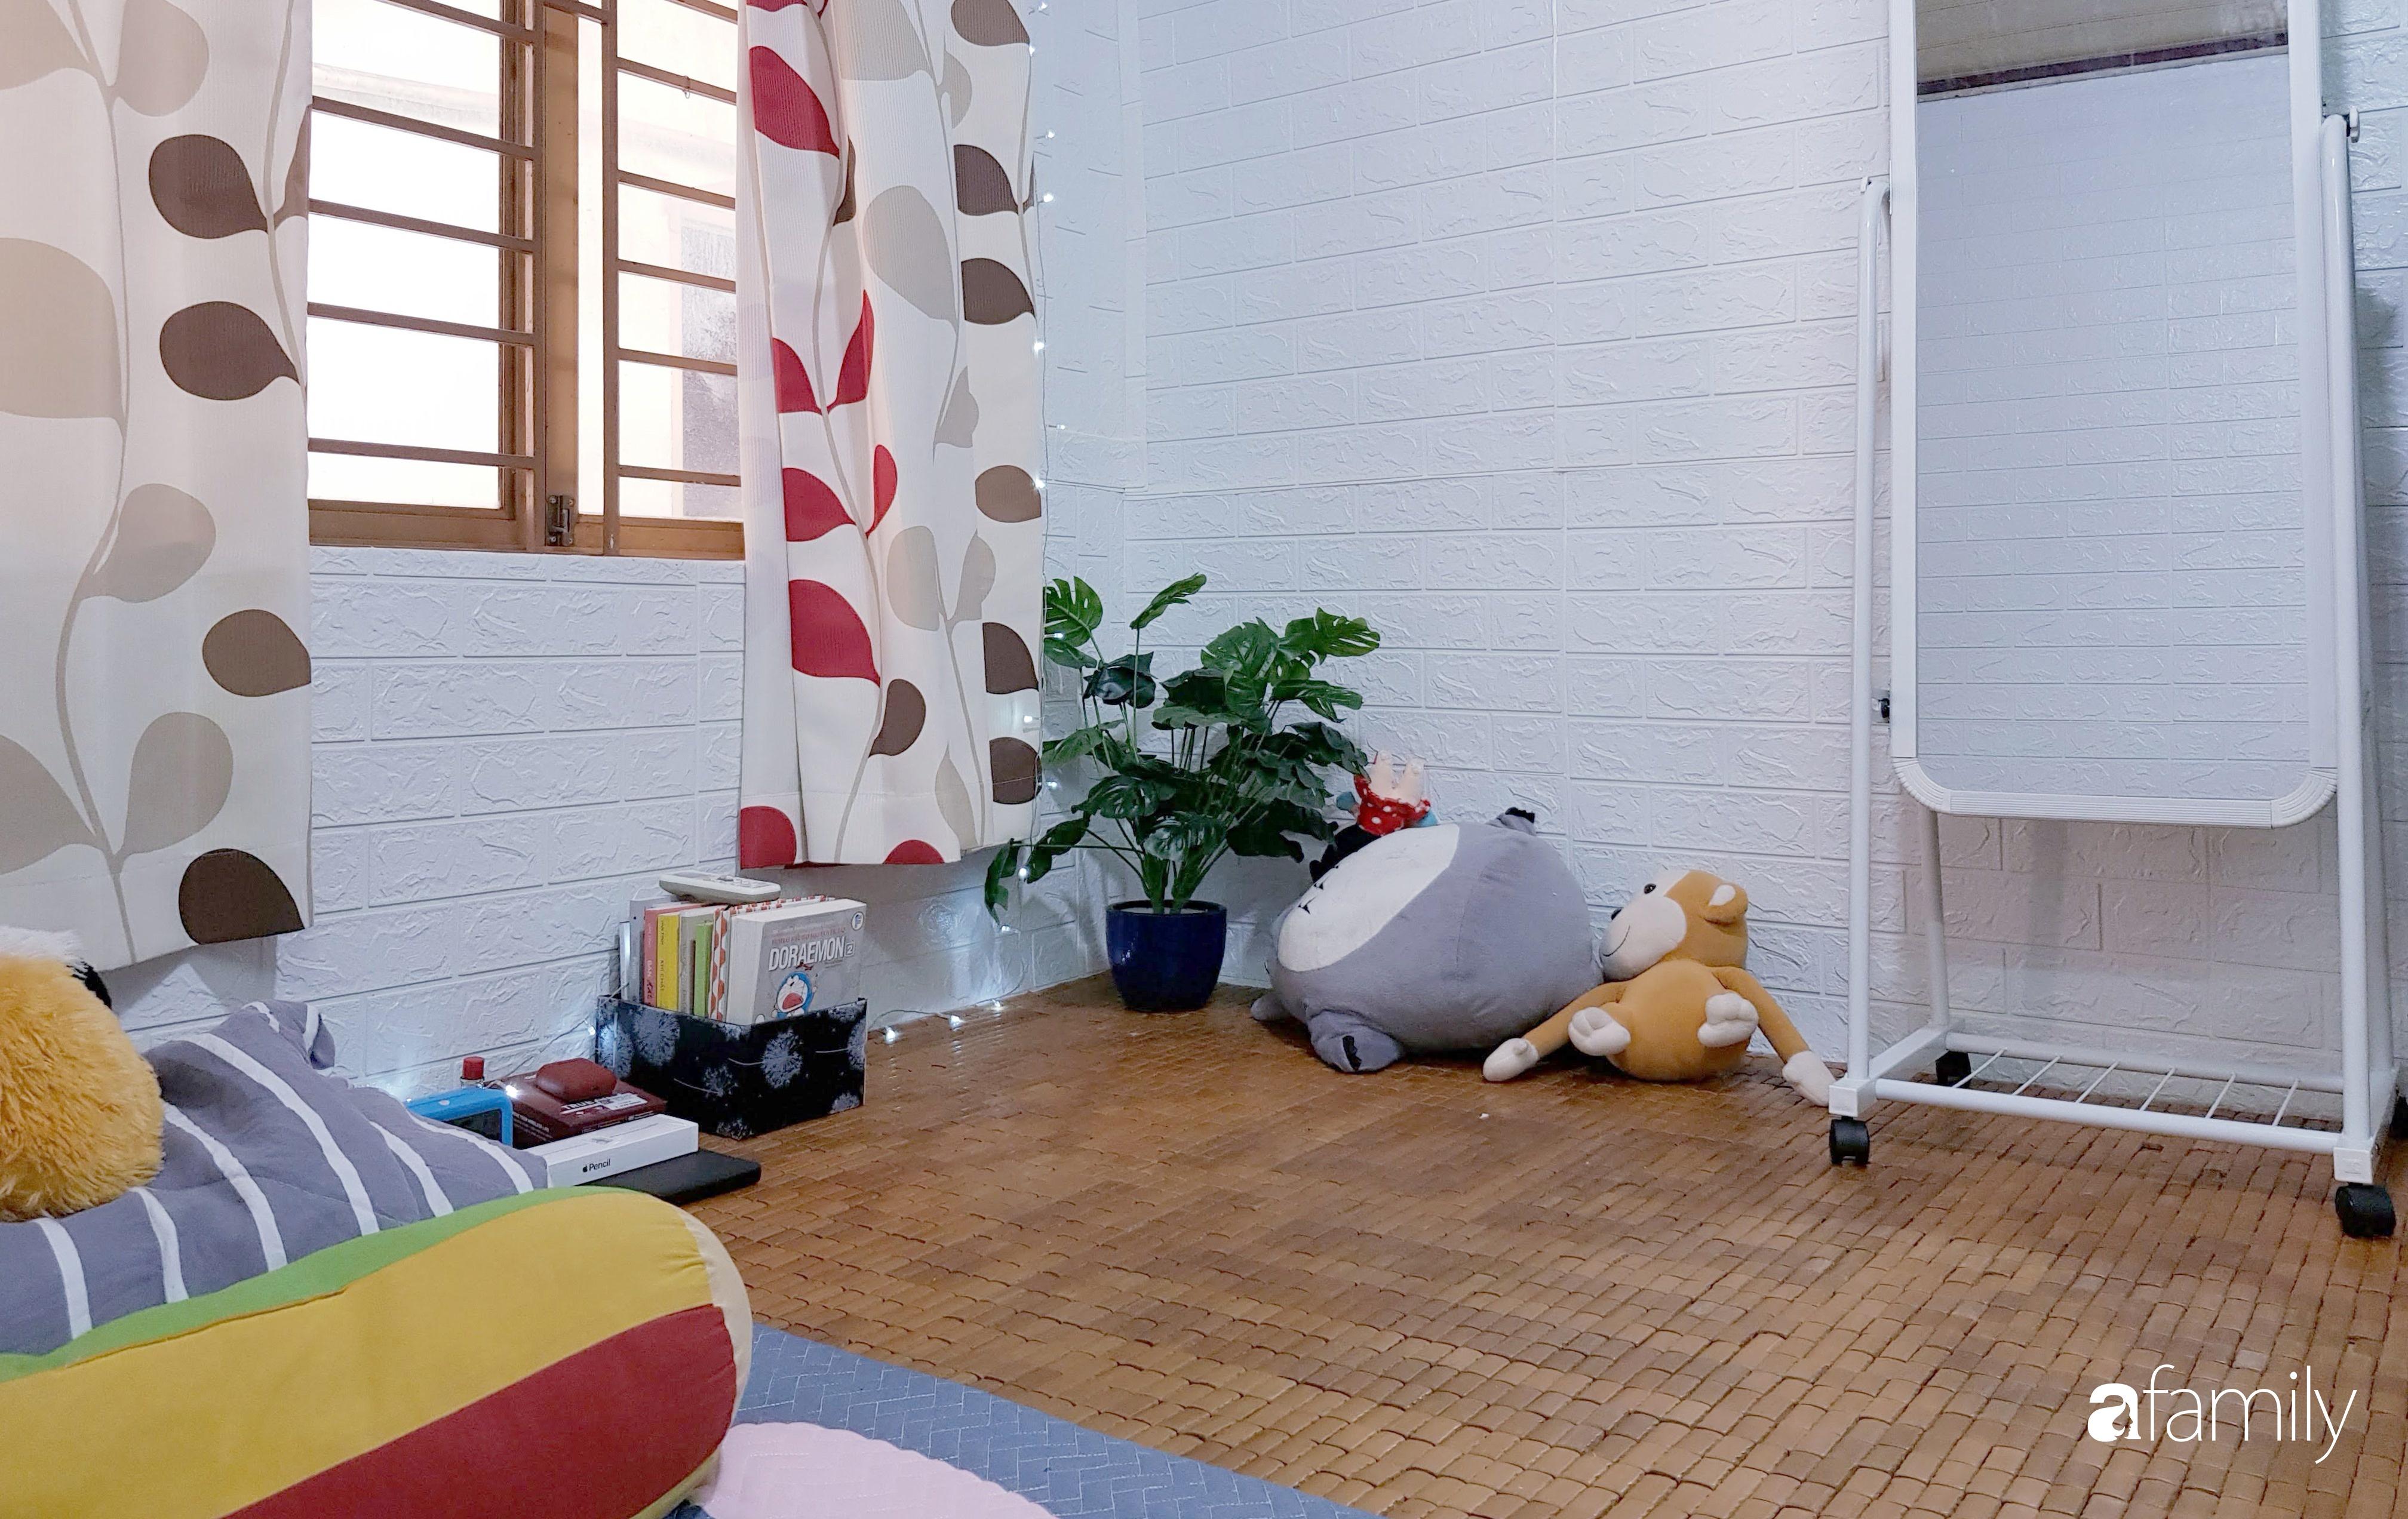 Chỉ với hơn 3 triệu và bí quyết cải tạo phòng ngủ thành không gian ngọt ngào, lãng mạn của cô gái Sài Gòn - Ảnh 11.